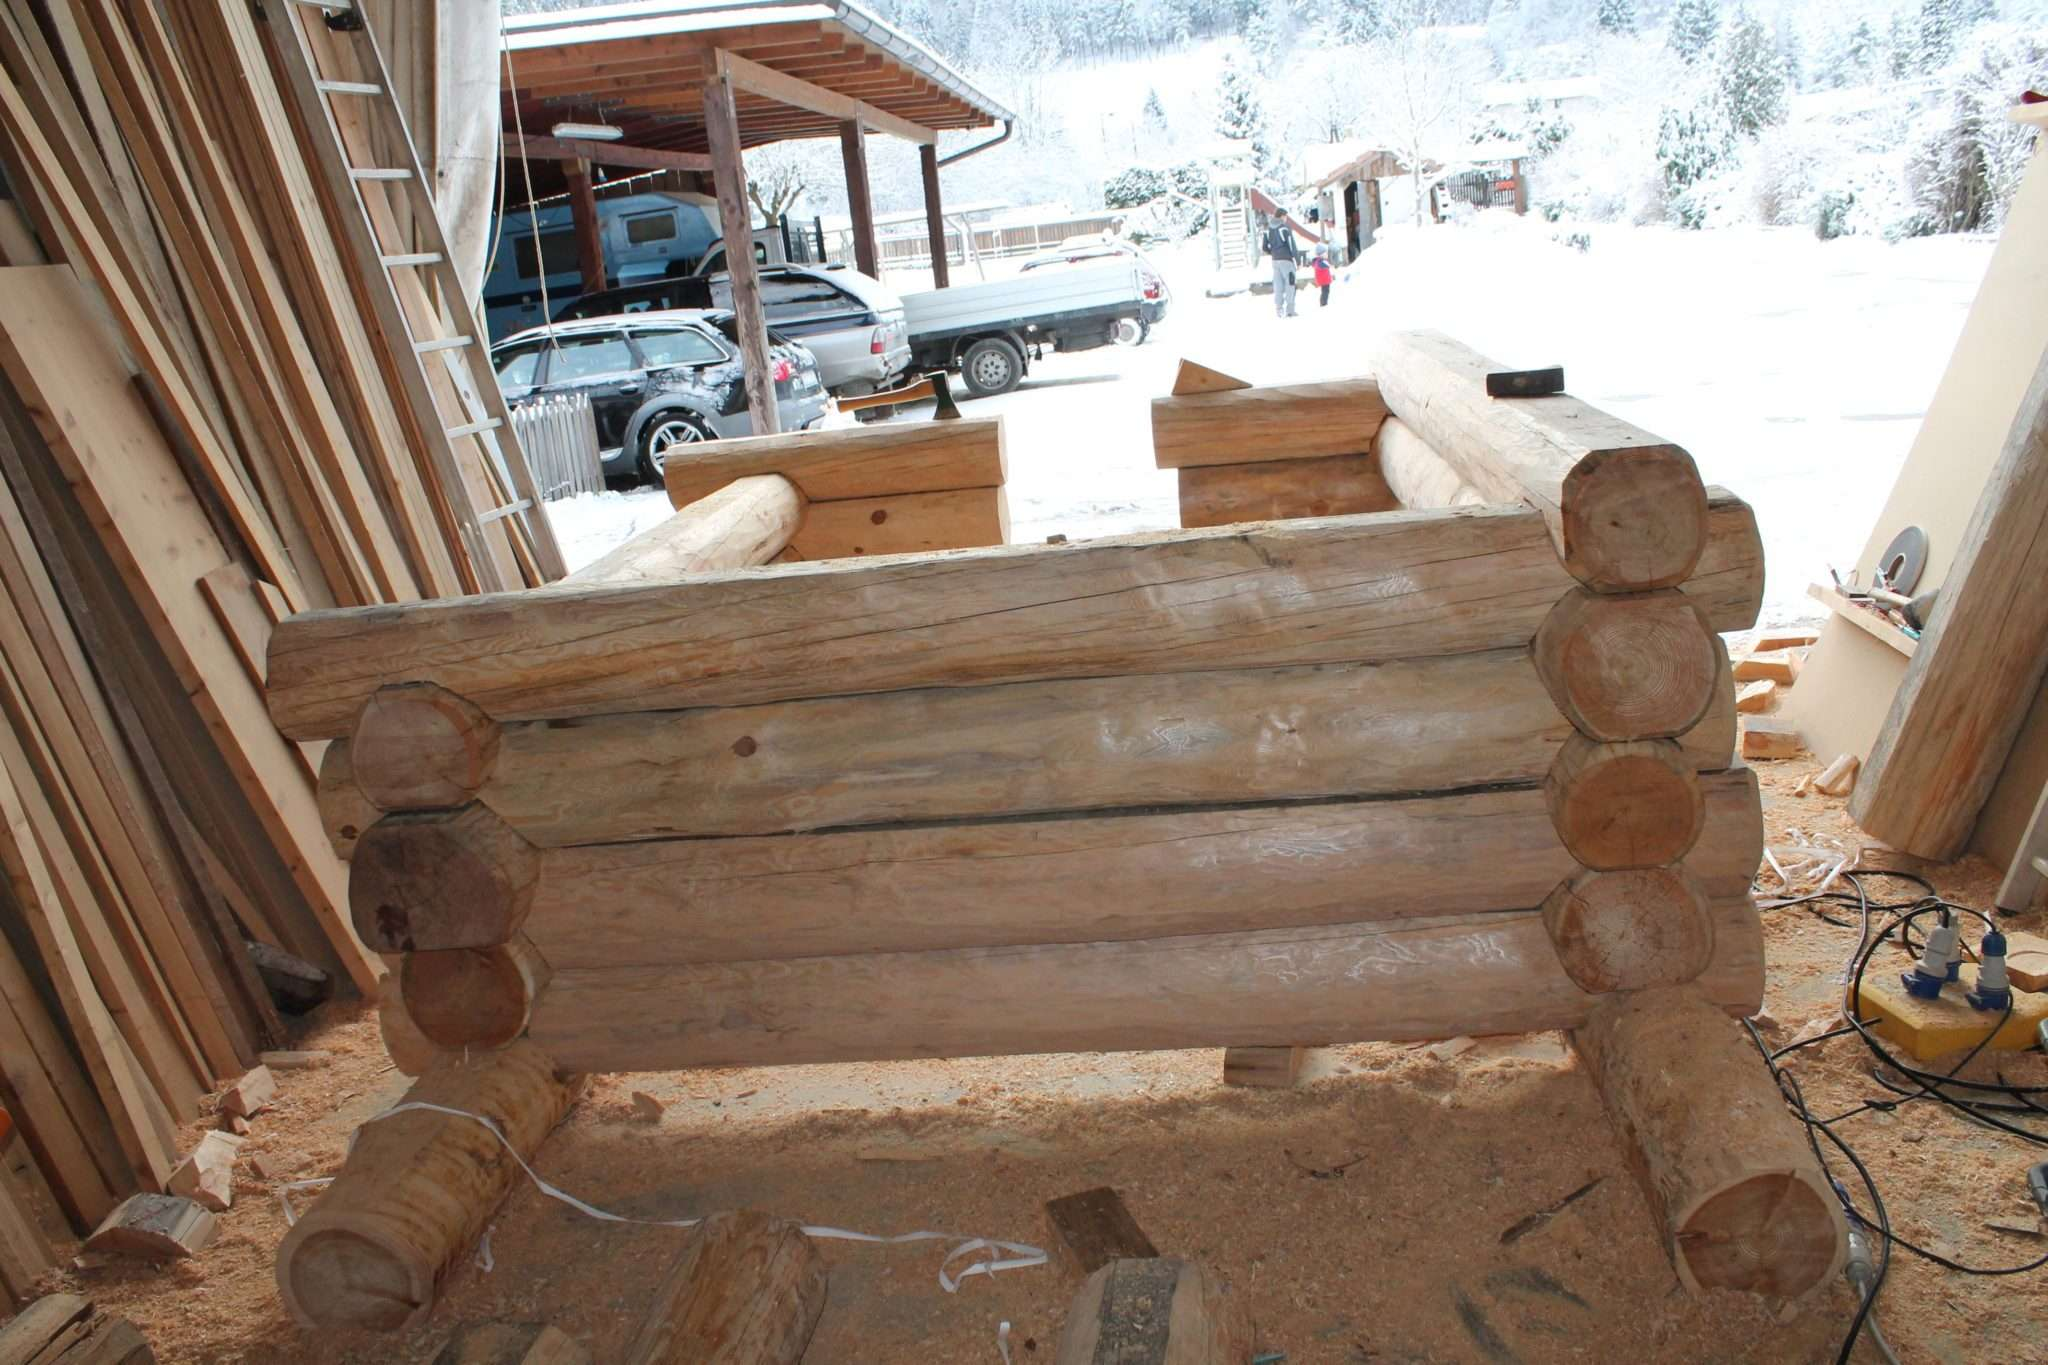 Case In Tronchi Di Legno Trentino : Realizzazione casetta in legno a tronchi case in legno e